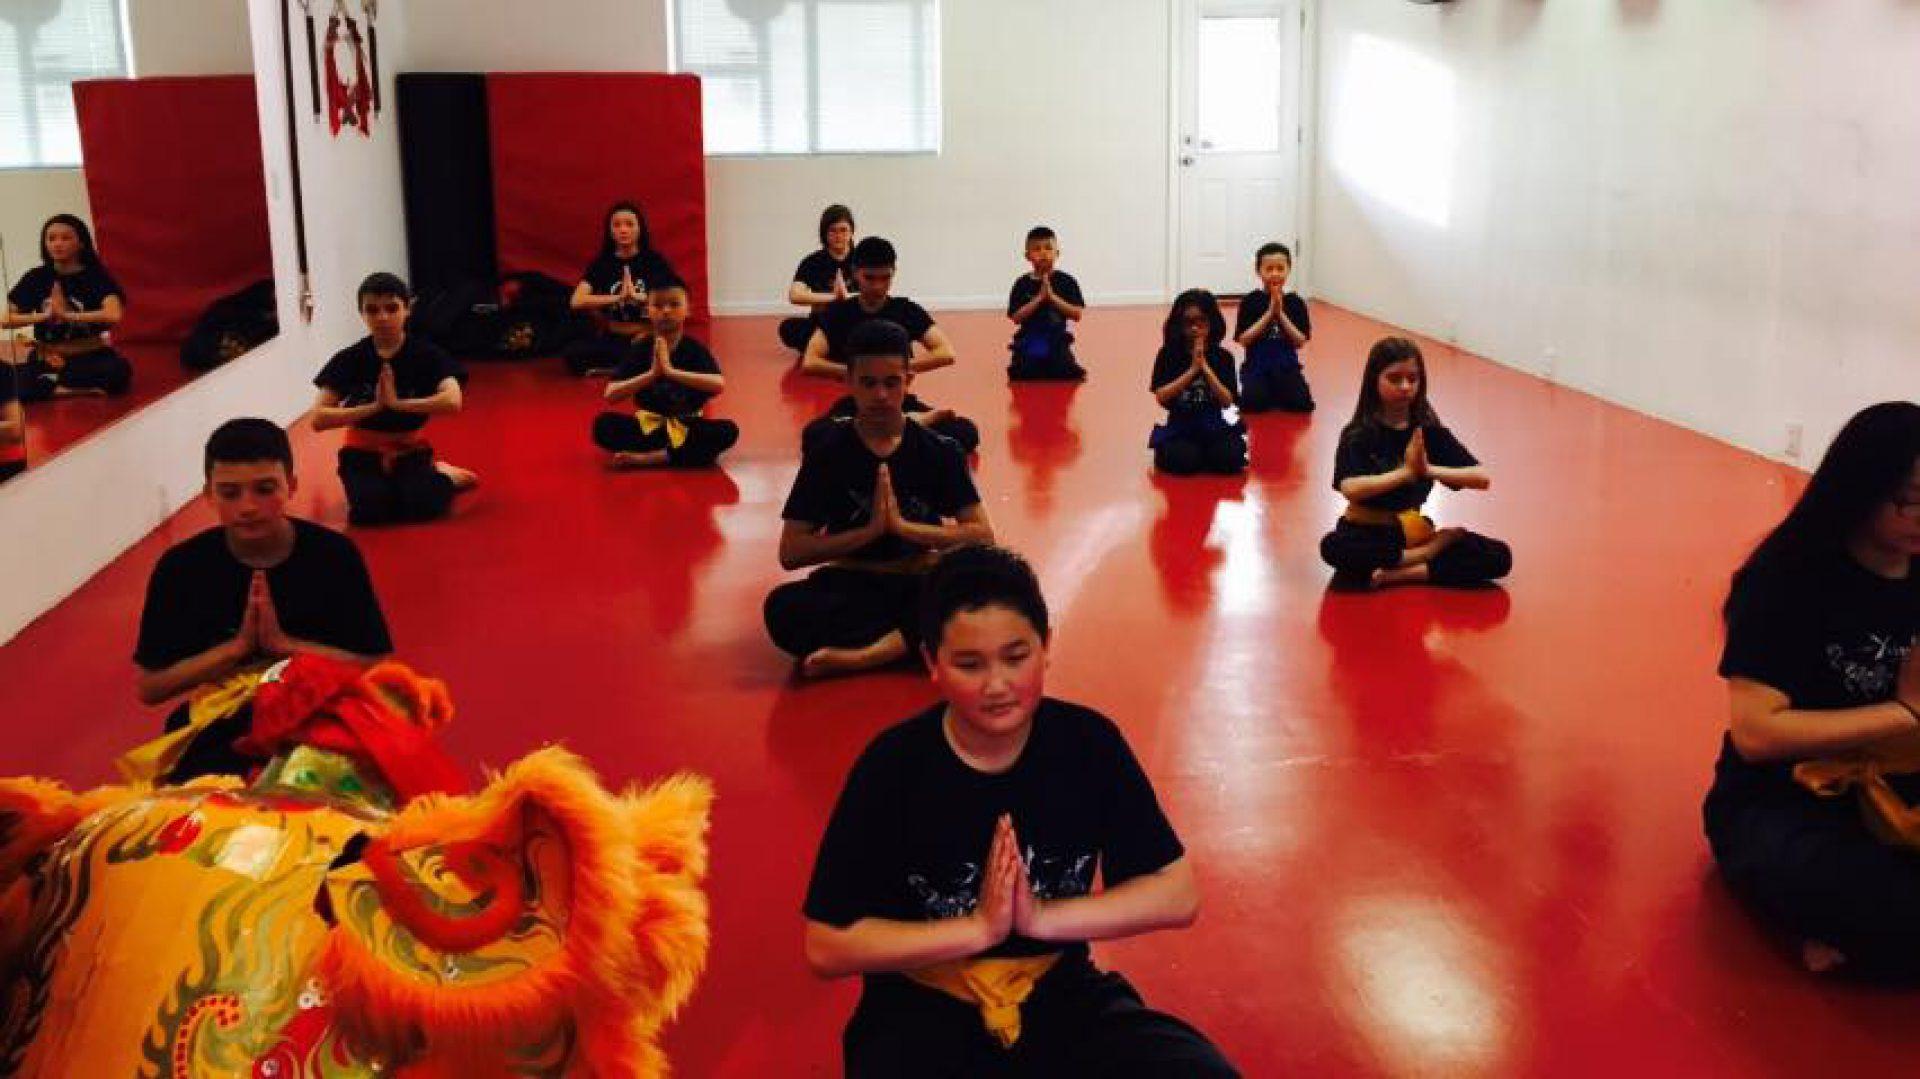 Xiaolin Martial Arts